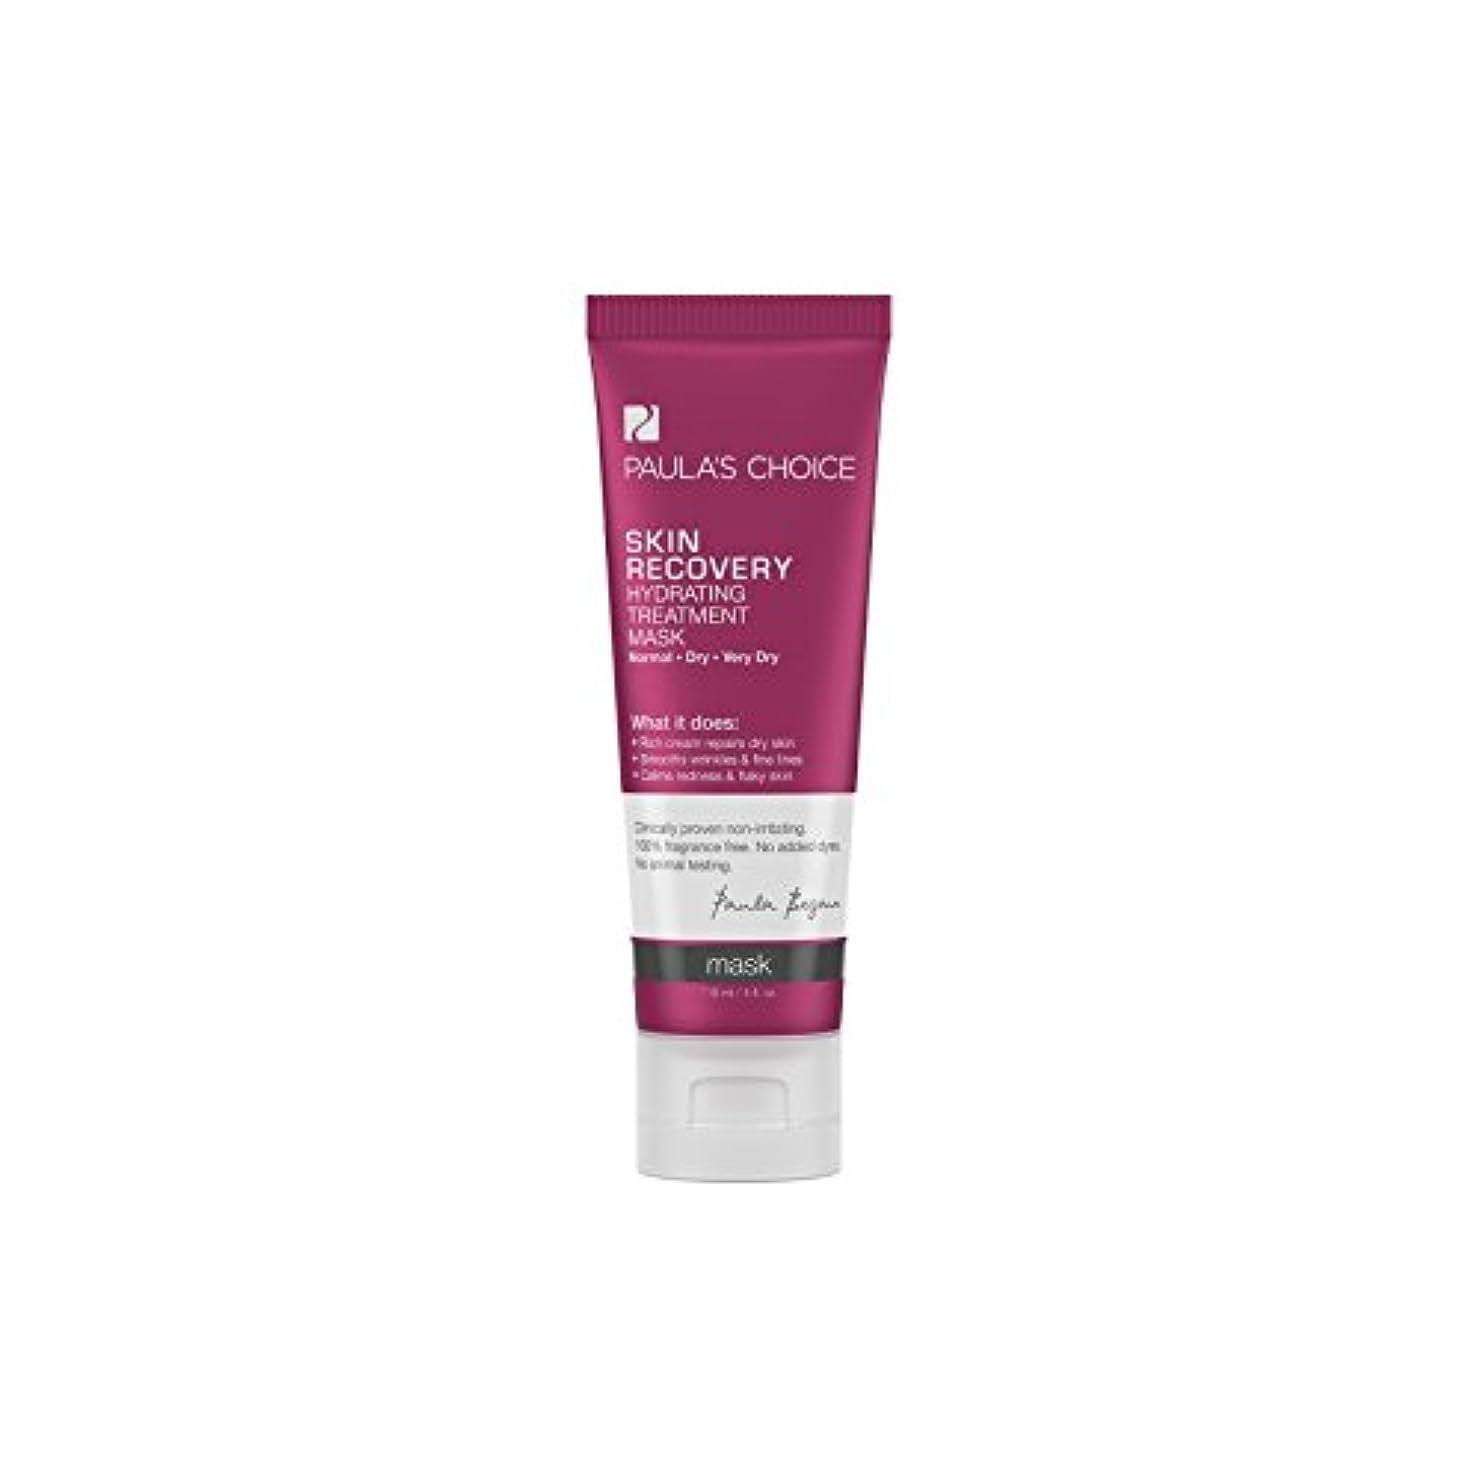 マウント国家肌寒いPaula's Choice Skin Recovery Hydrating Treatment Mask (118ml) - ポーラチョイスの肌の回復水和処理マスク(118ミリリットル) [並行輸入品]